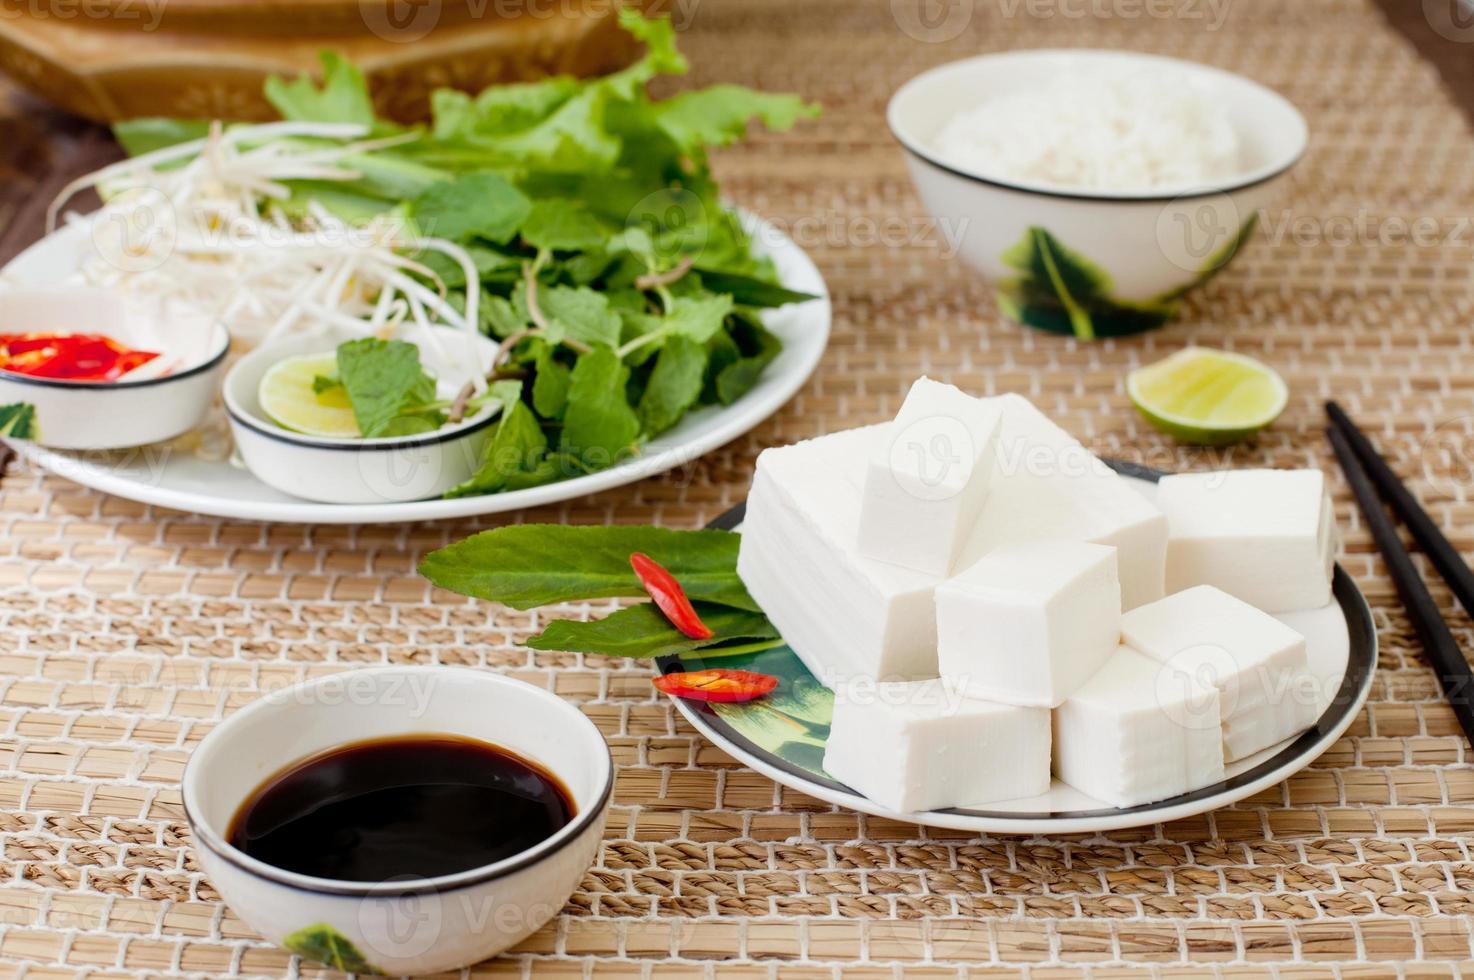 tofu frais avec riz, salade et sauce soja. photo